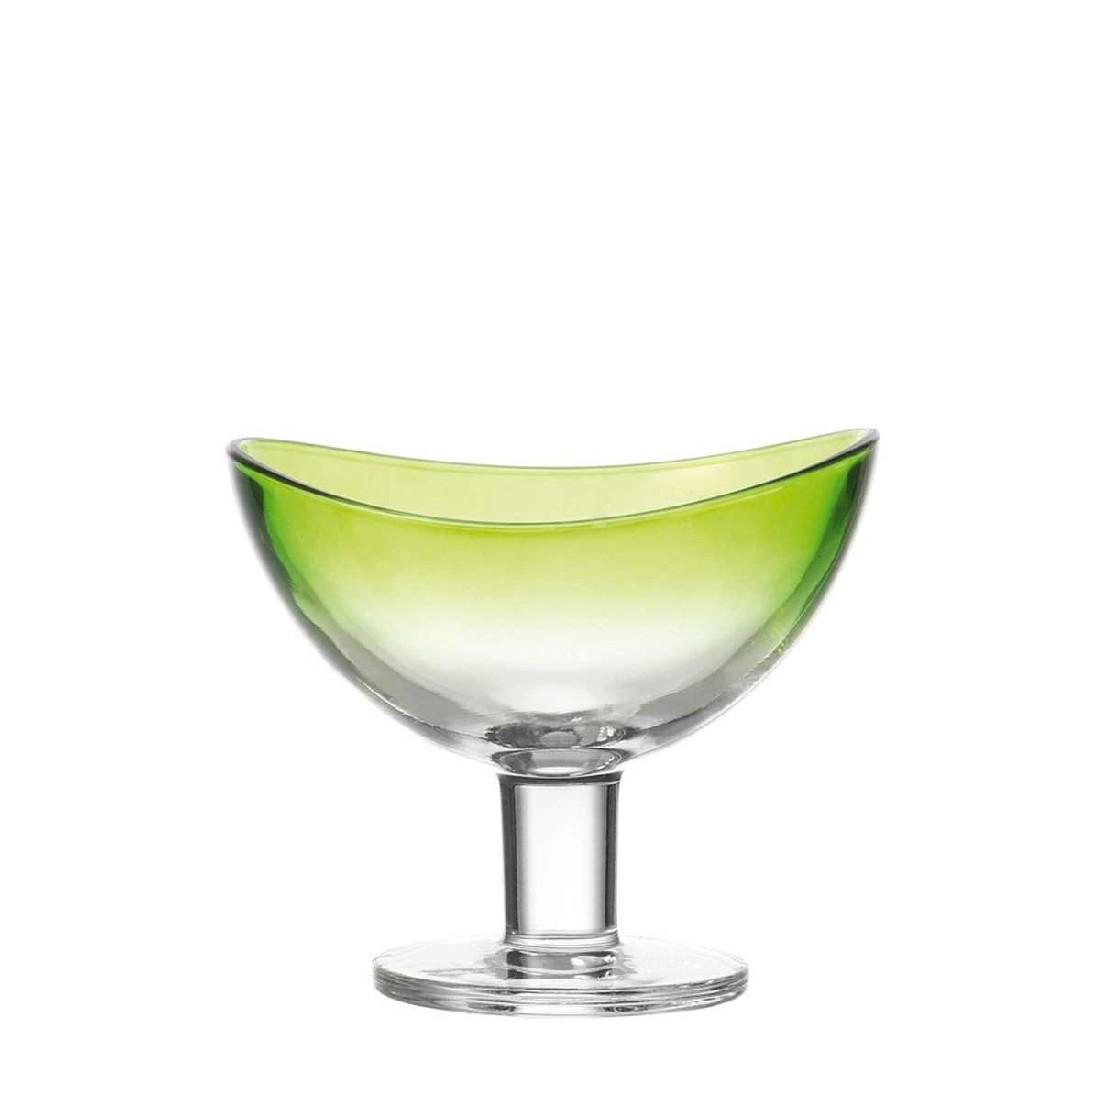 Eisschale Loop (2er-Set) – Apfelgrün, Leonardo online bestellen